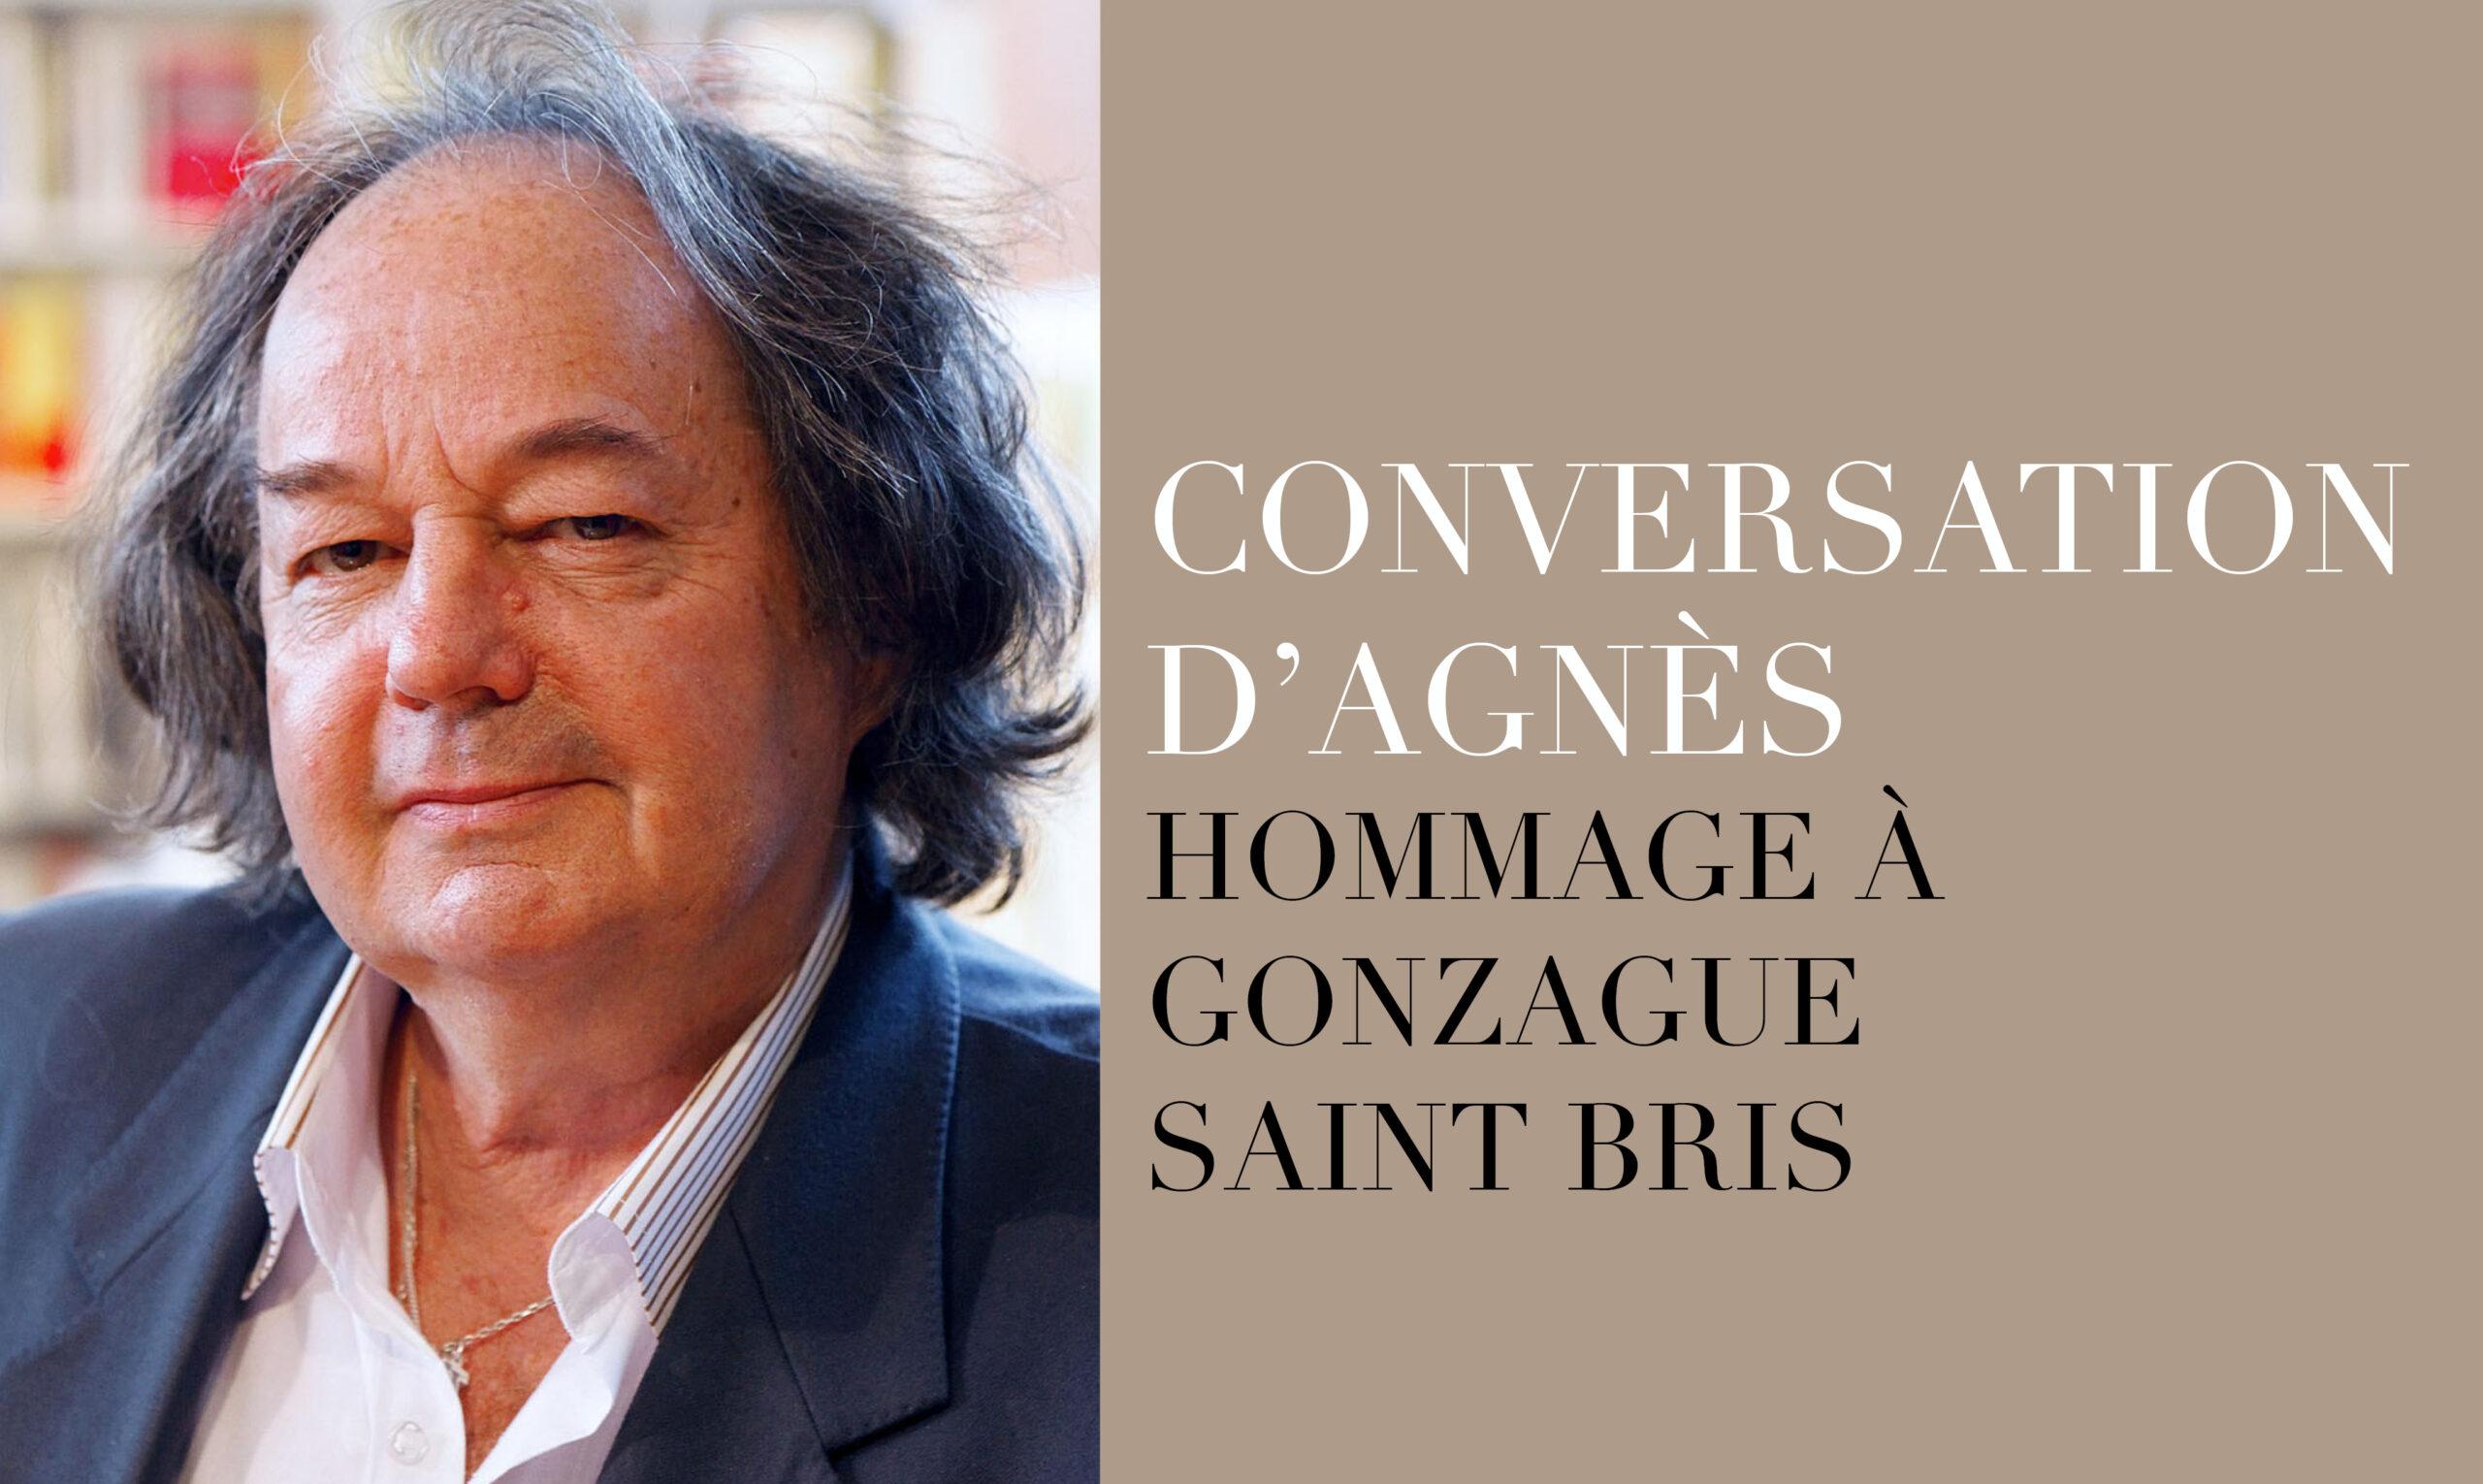 gonzague saint bris